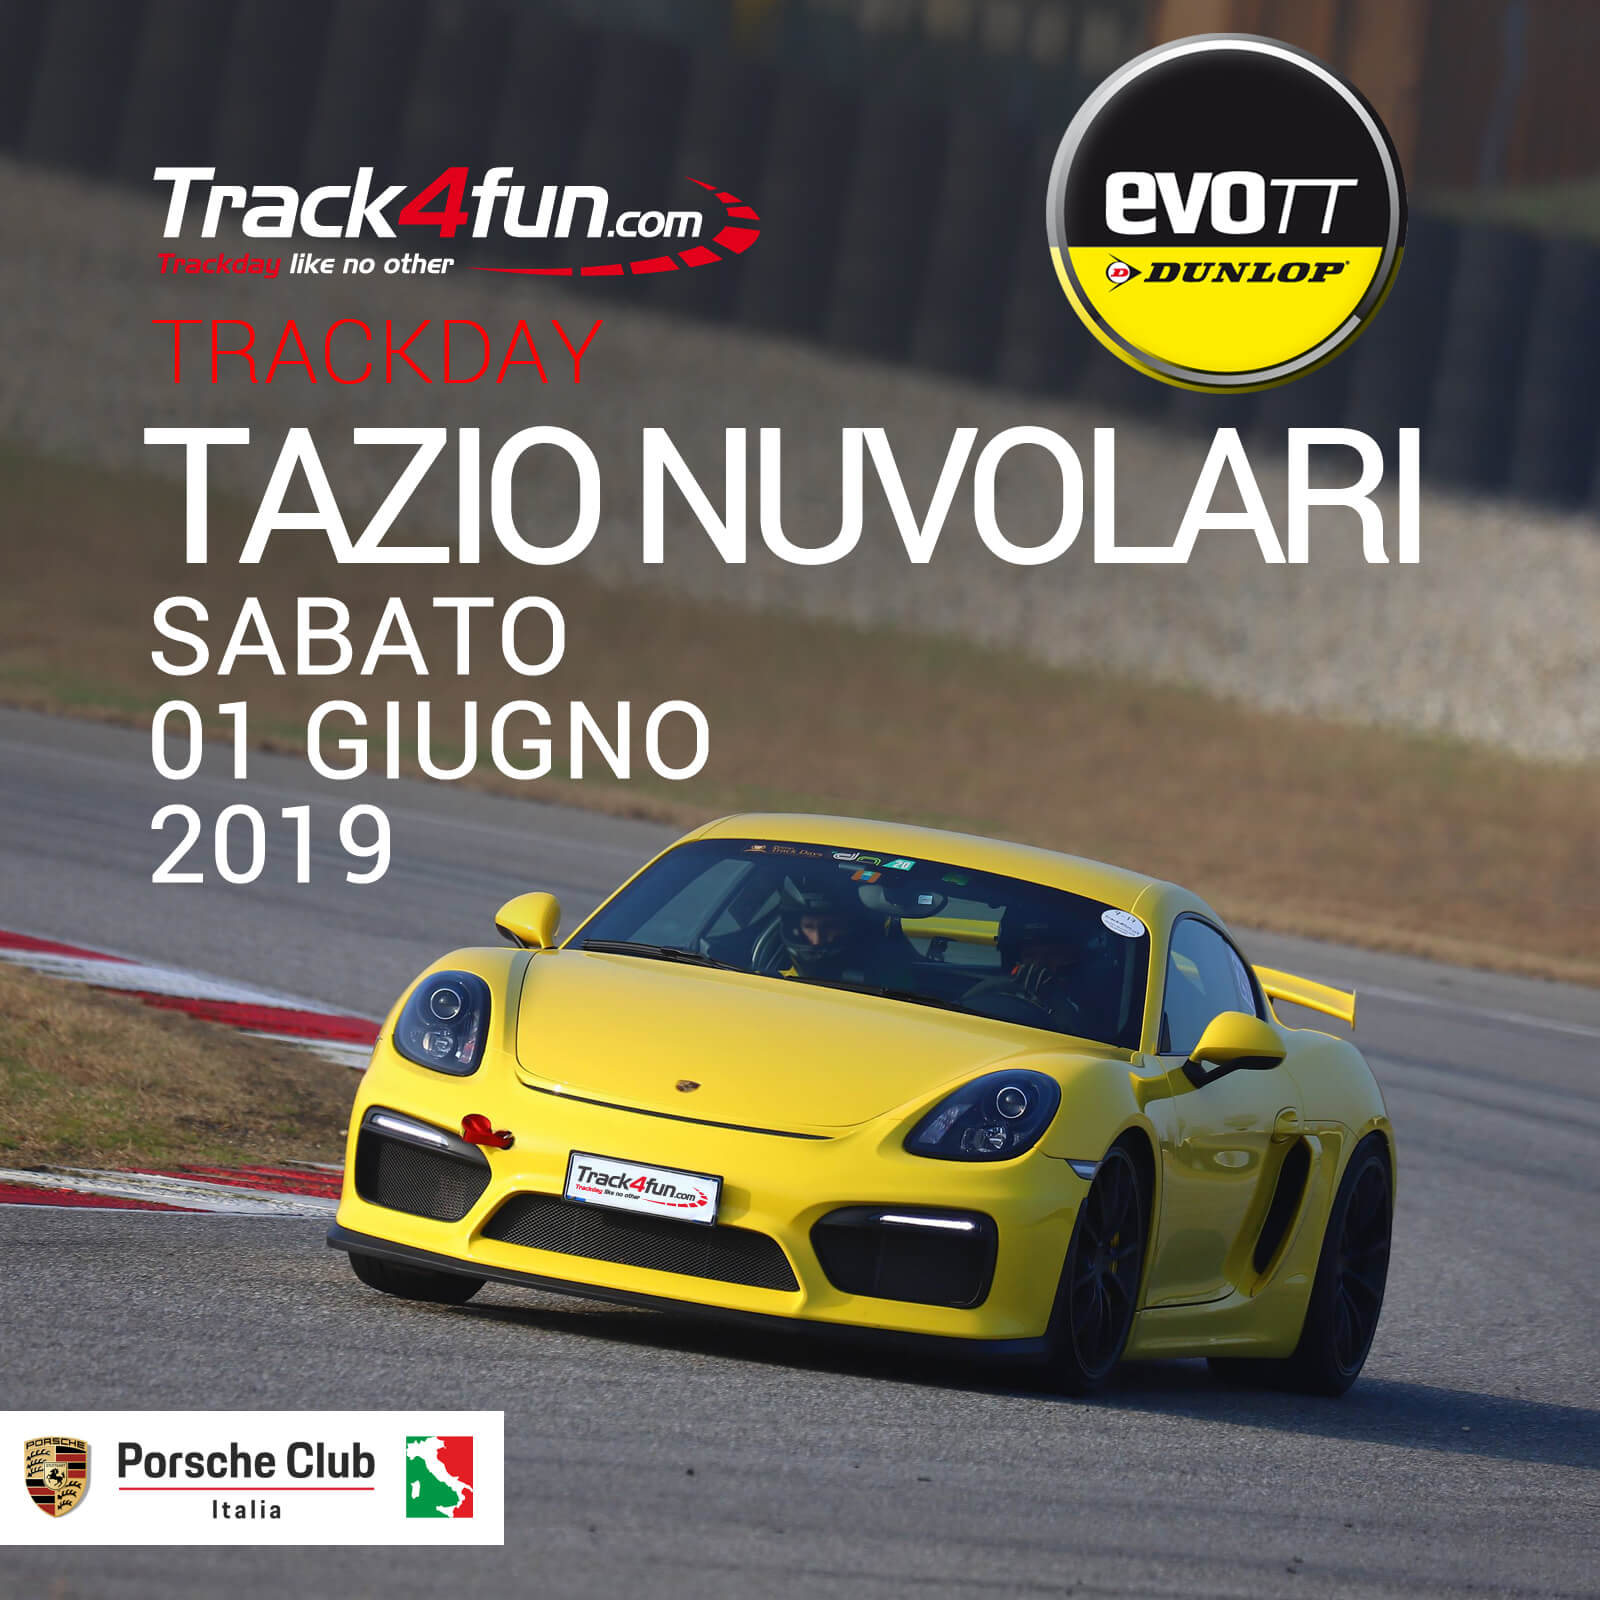 In Pista Al Tazio Nuvolari – 01 Giugno 2019